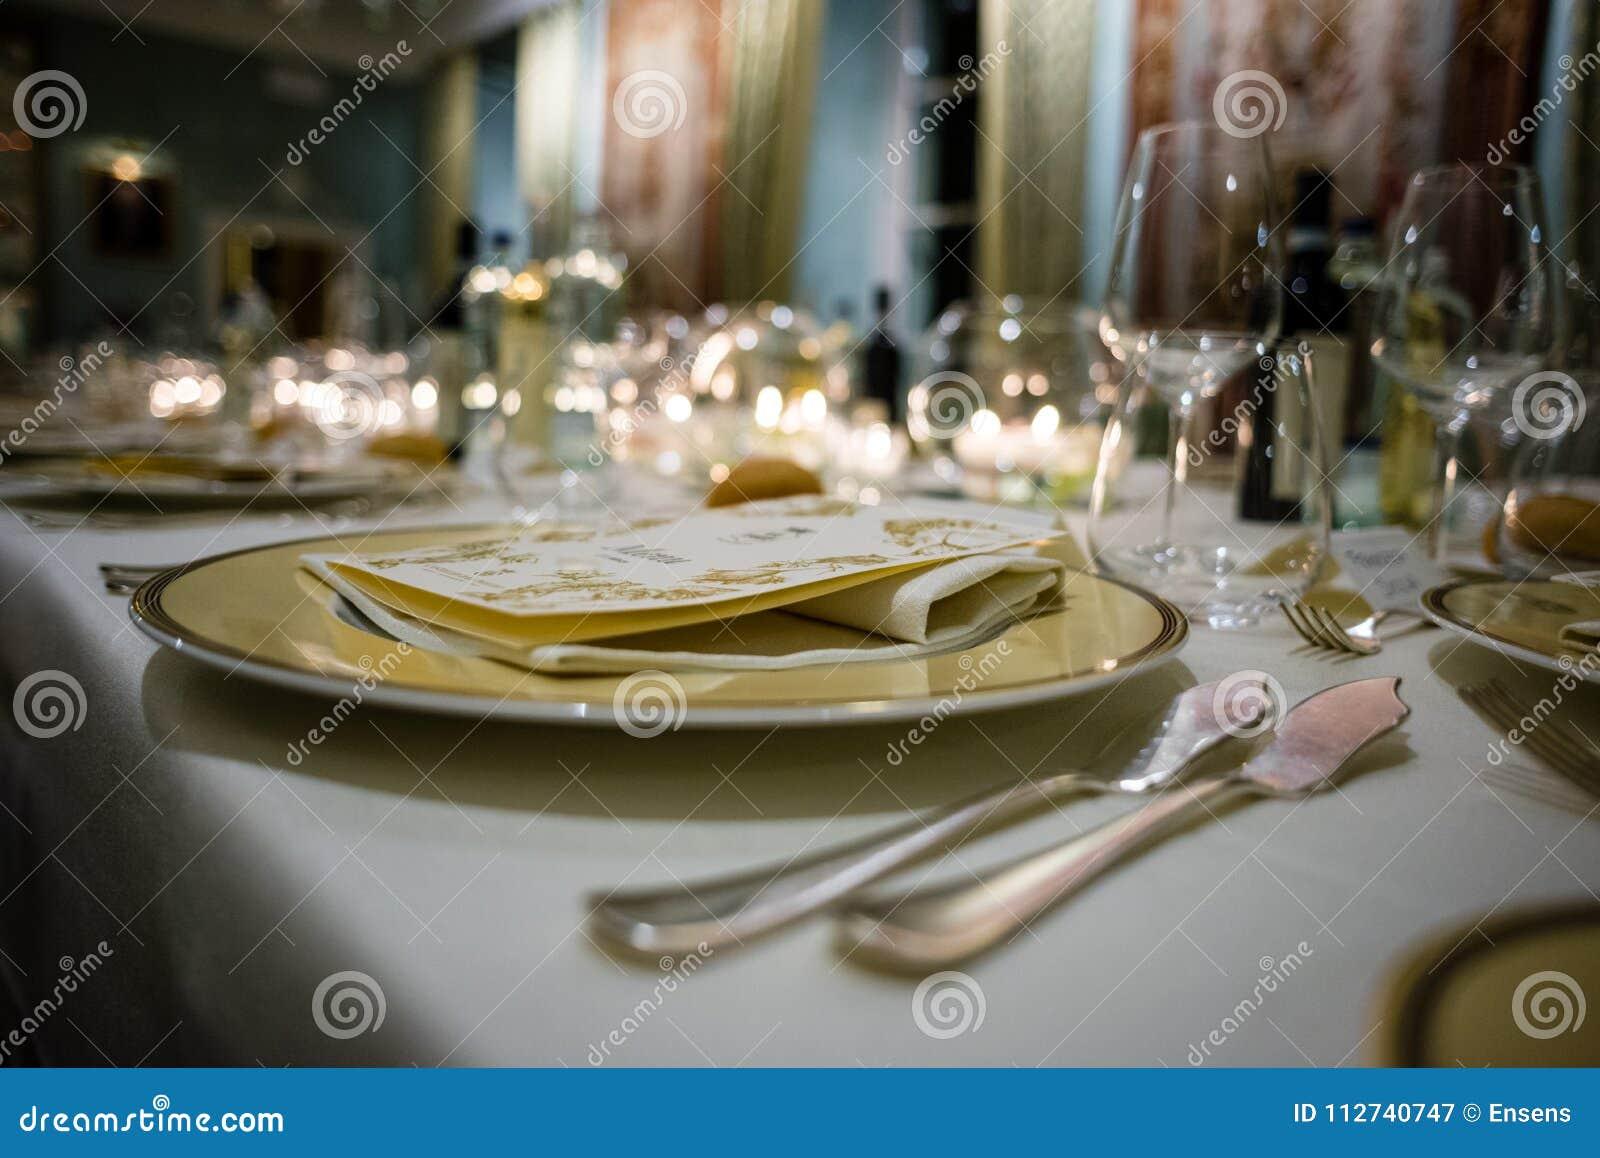 Tavola in un ristorante di lusso, insieme per una cena di galà